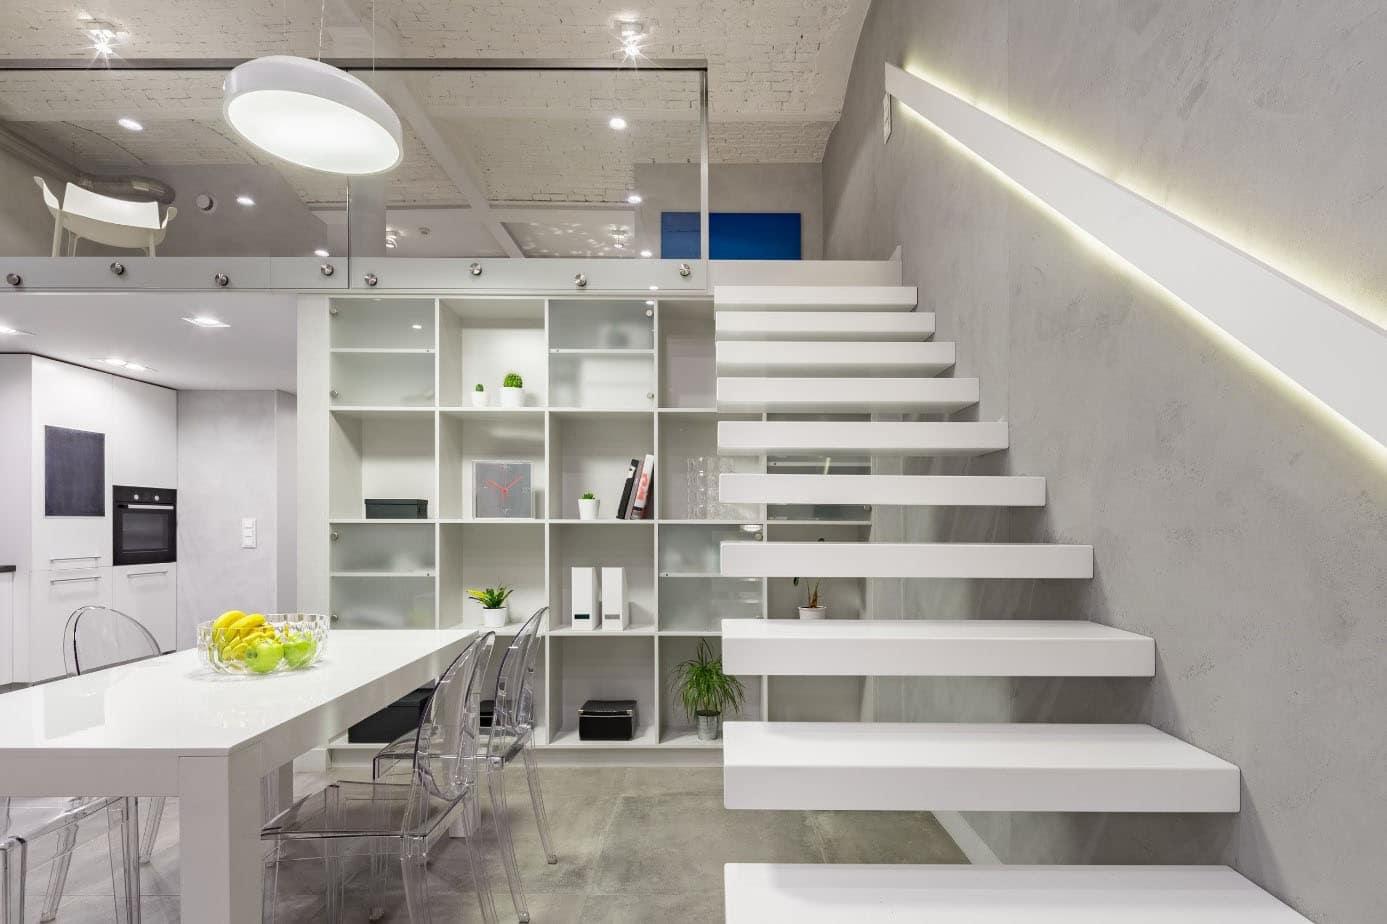 Escalier Design Aérien